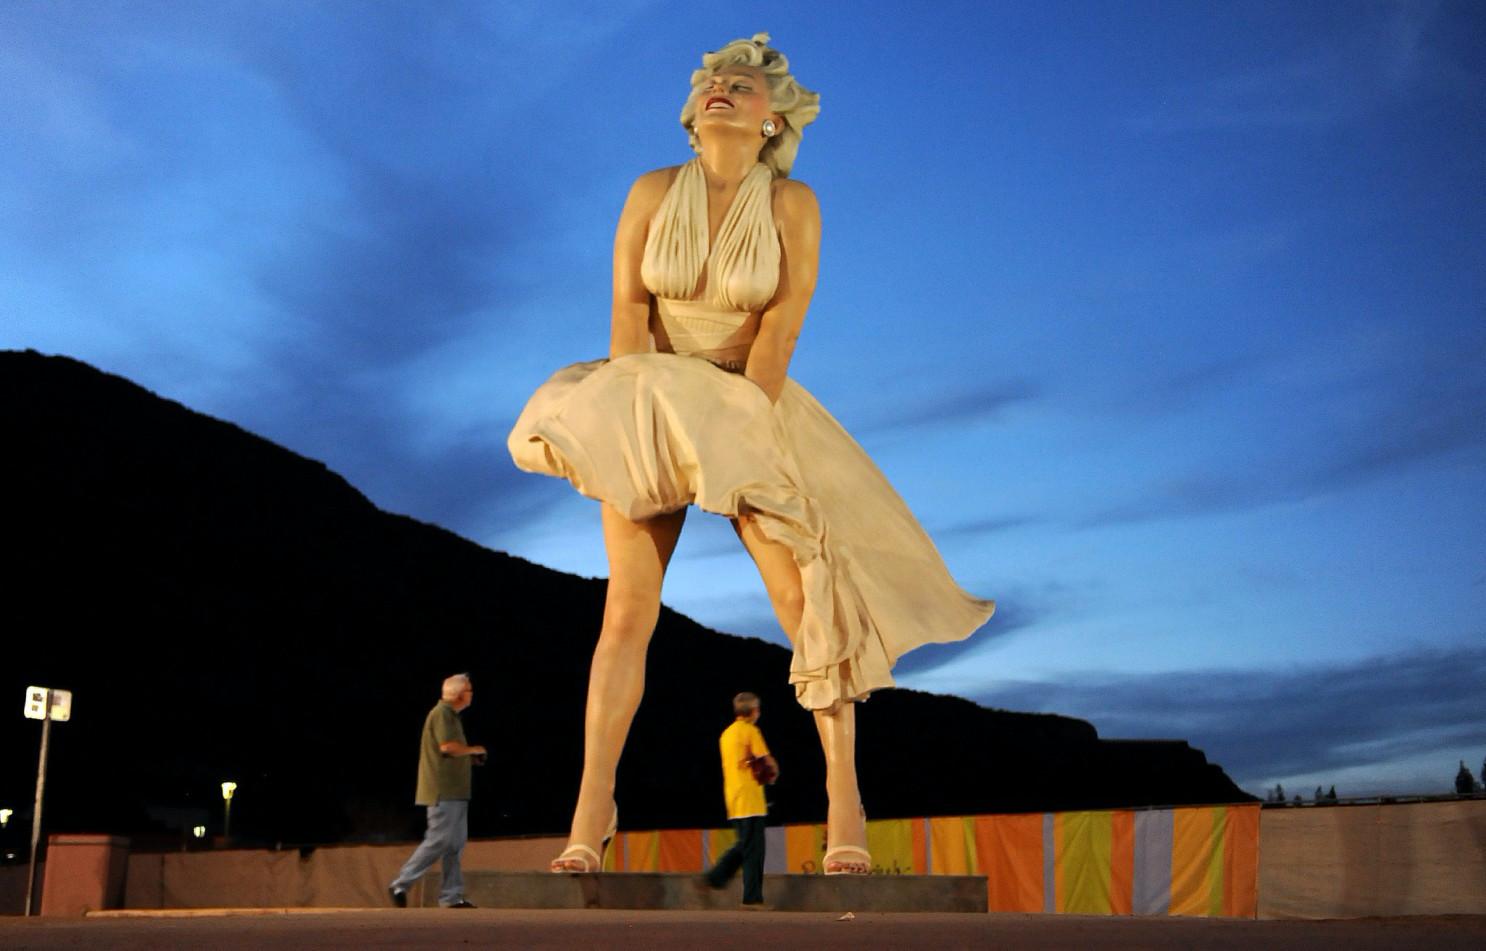 Директор музею Палм-Спрінгс розкритикував скульптуру Мерилін Монро